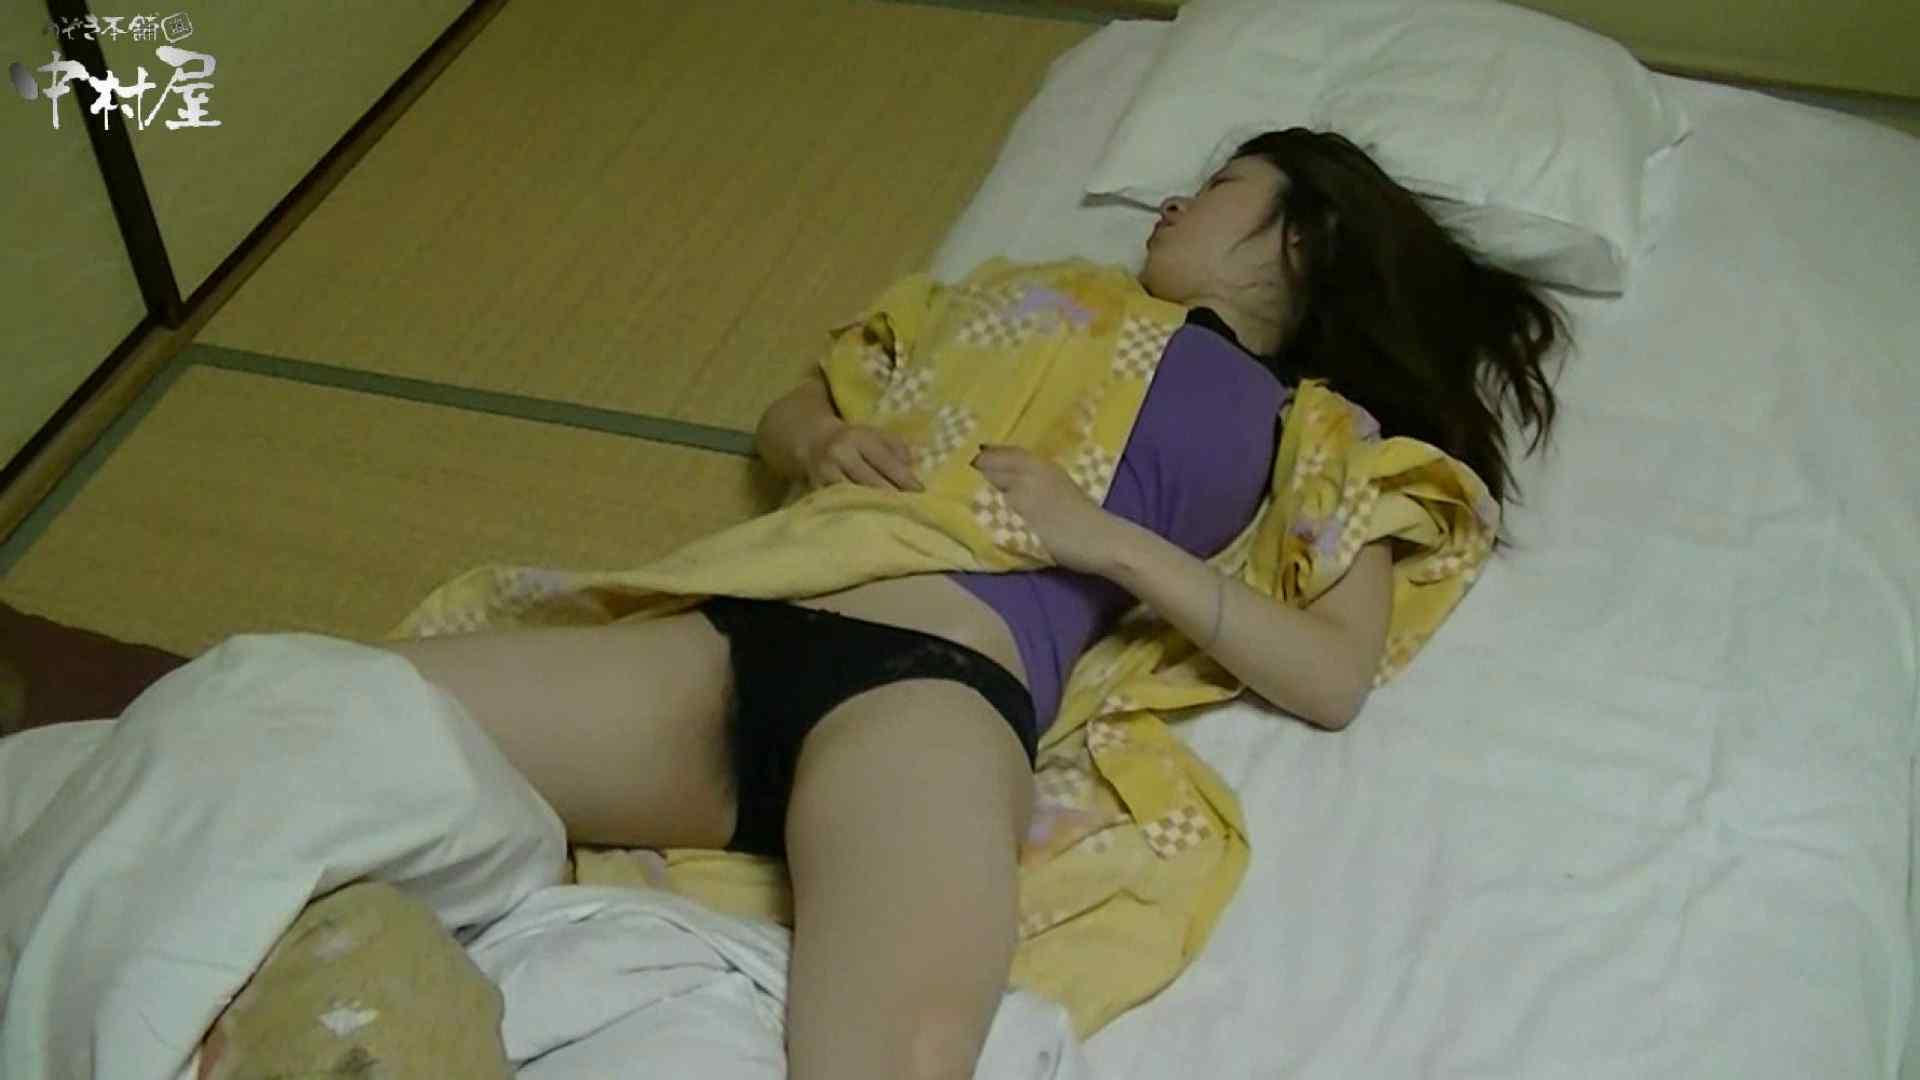 ネムリ姫 vol.16 車   トイレ  75pic 7